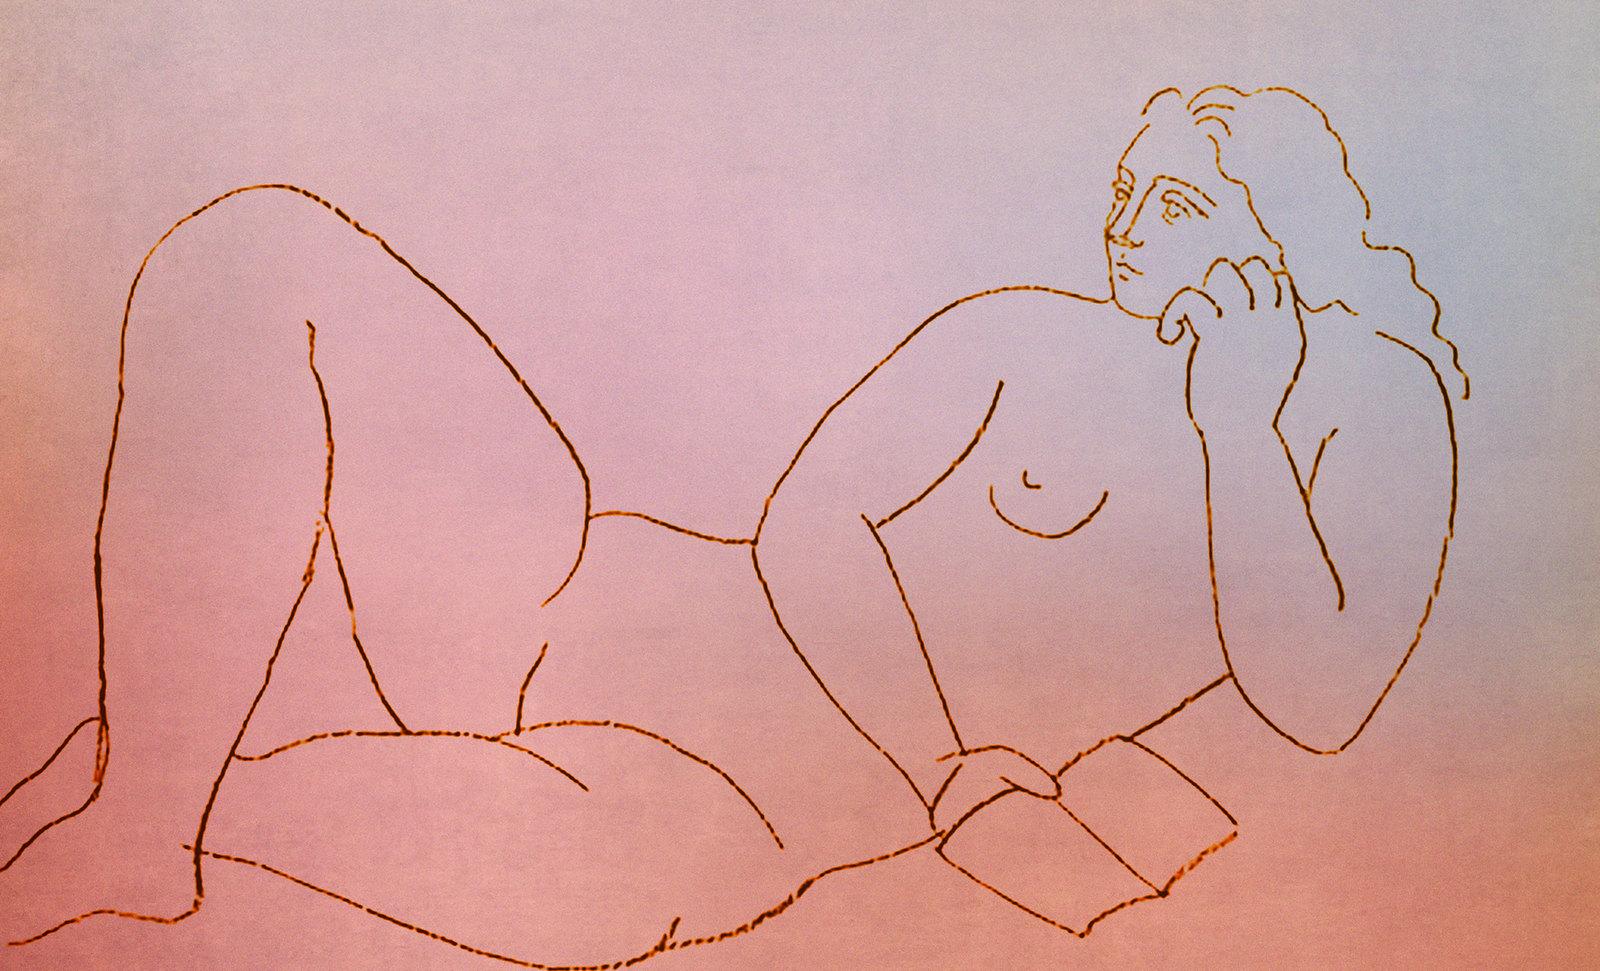 071Pablo Picasso